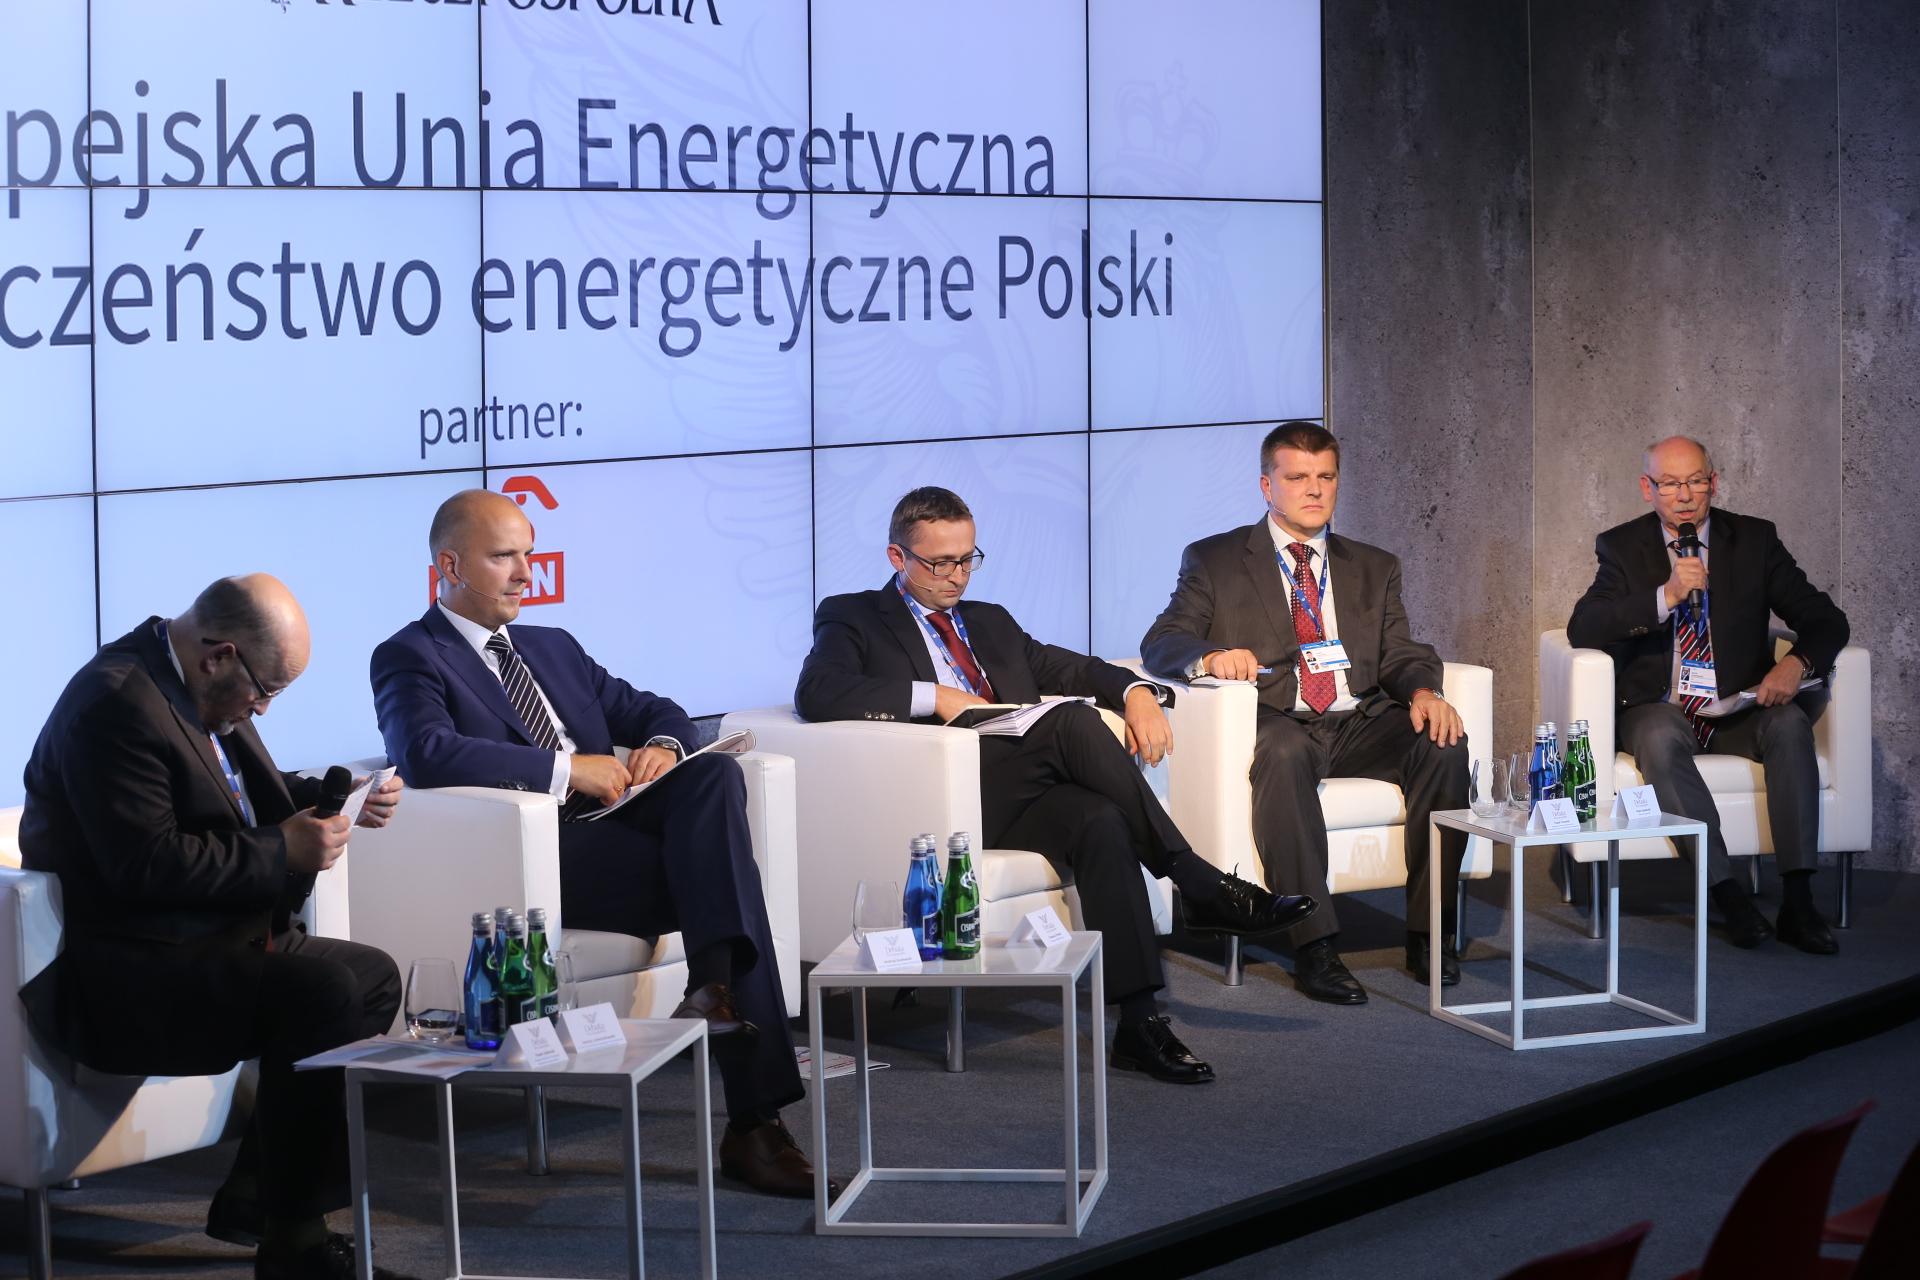 Europejska Unia Energetyczna a bezpieczeństwo Polski